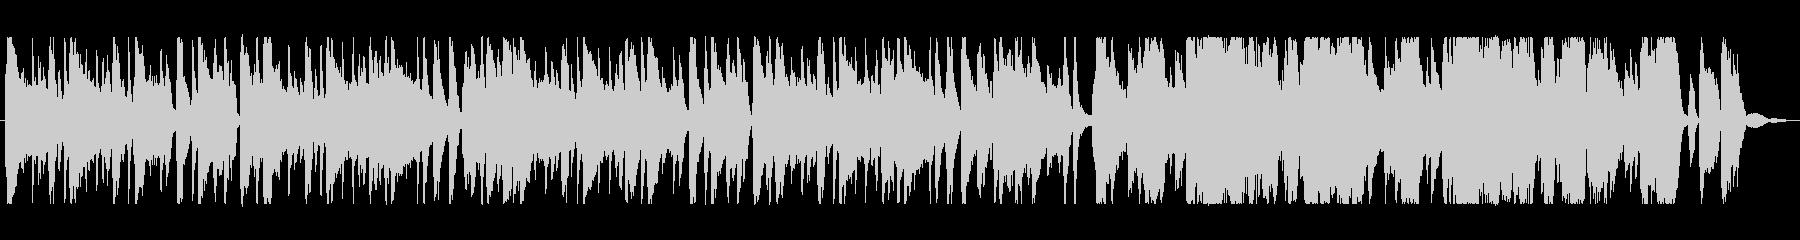 日常系カフェミュージックの未再生の波形